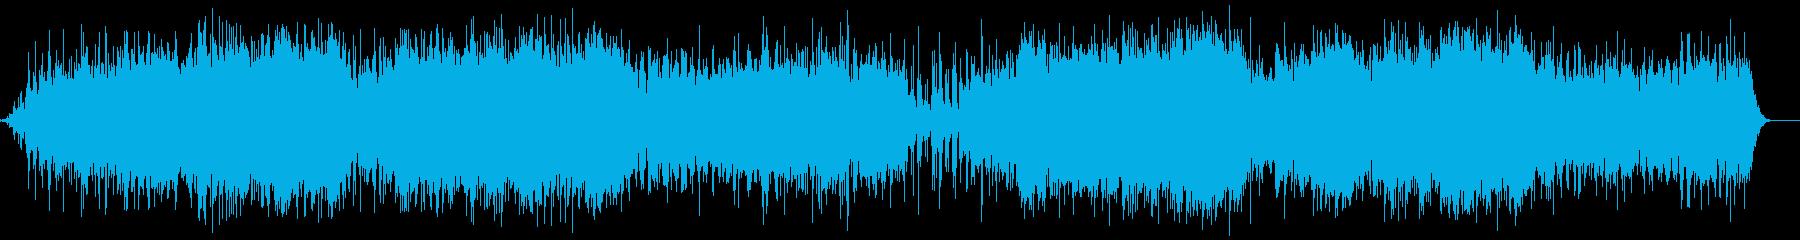 宇宙の夜明けのイメージサウンドの再生済みの波形